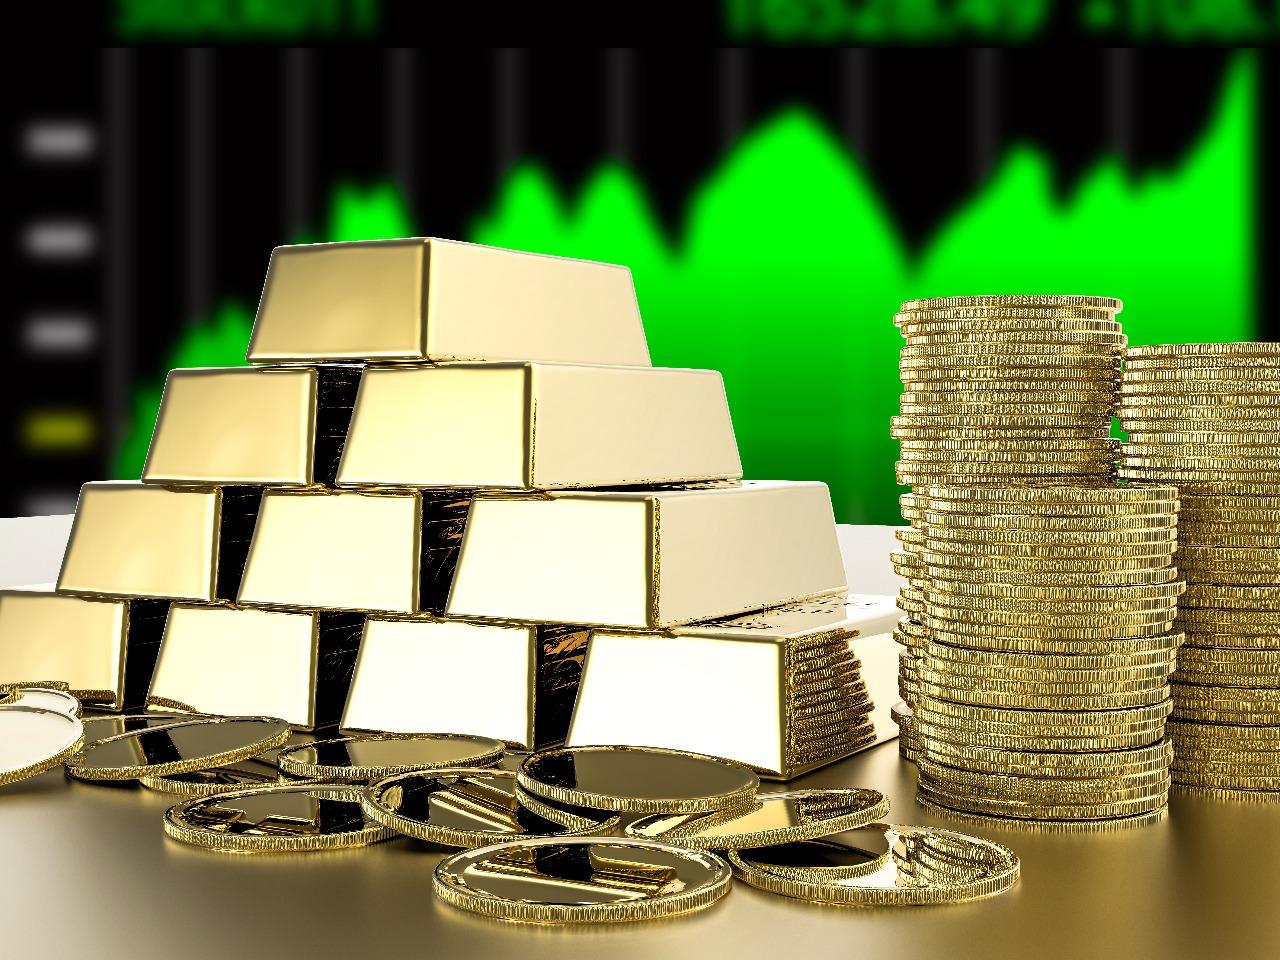 https: img-k.okeinfo.net content 2019 01 12 320 2003474 bursa-saham-lesu-harga-emas-berjangka-naik-ICpAaBbJIQ.jpg